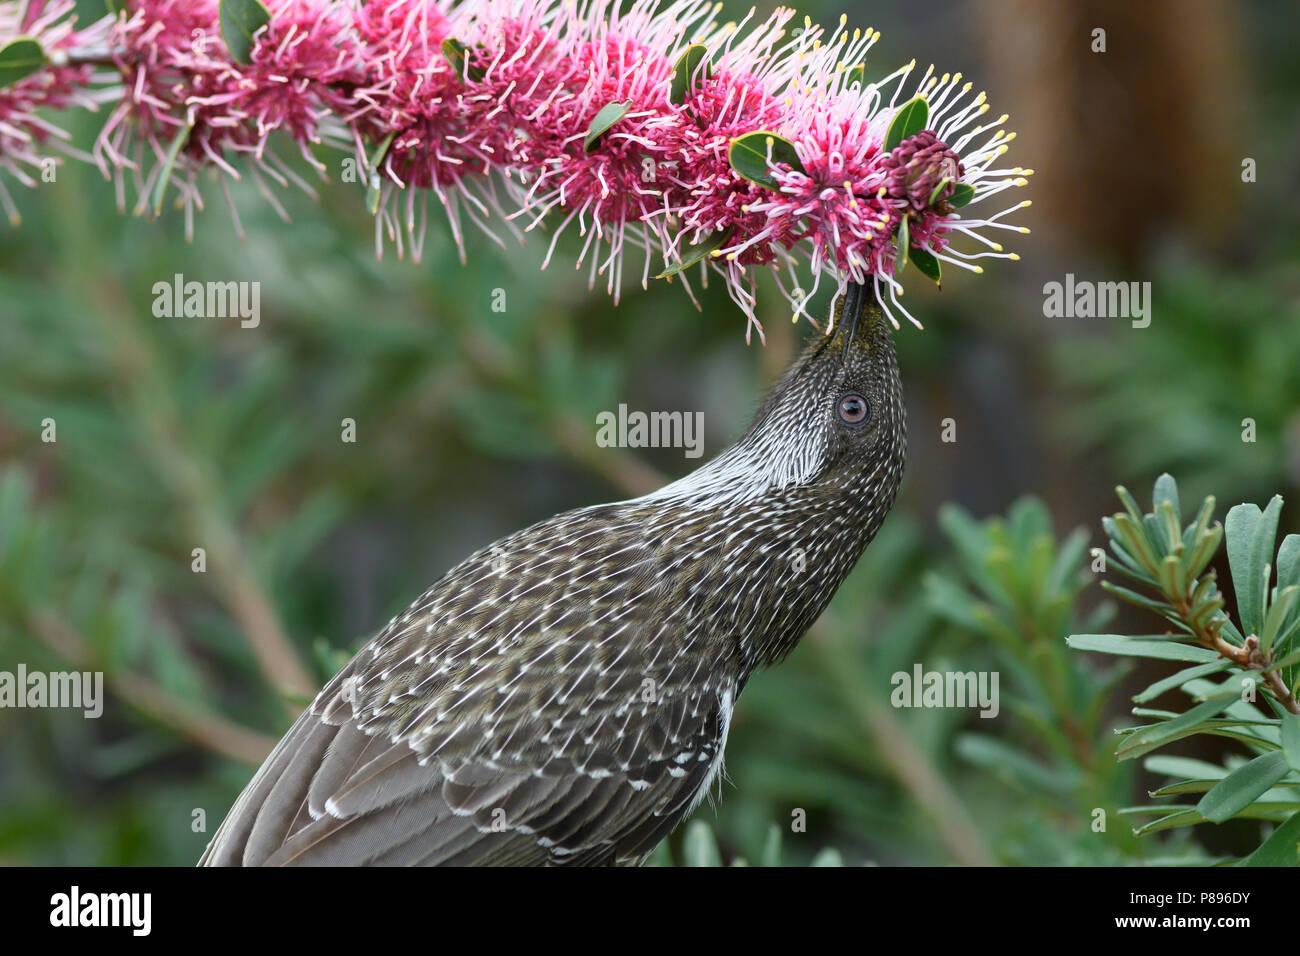 Little Wattlebird feeding on Hakea flowers. - Stock Image